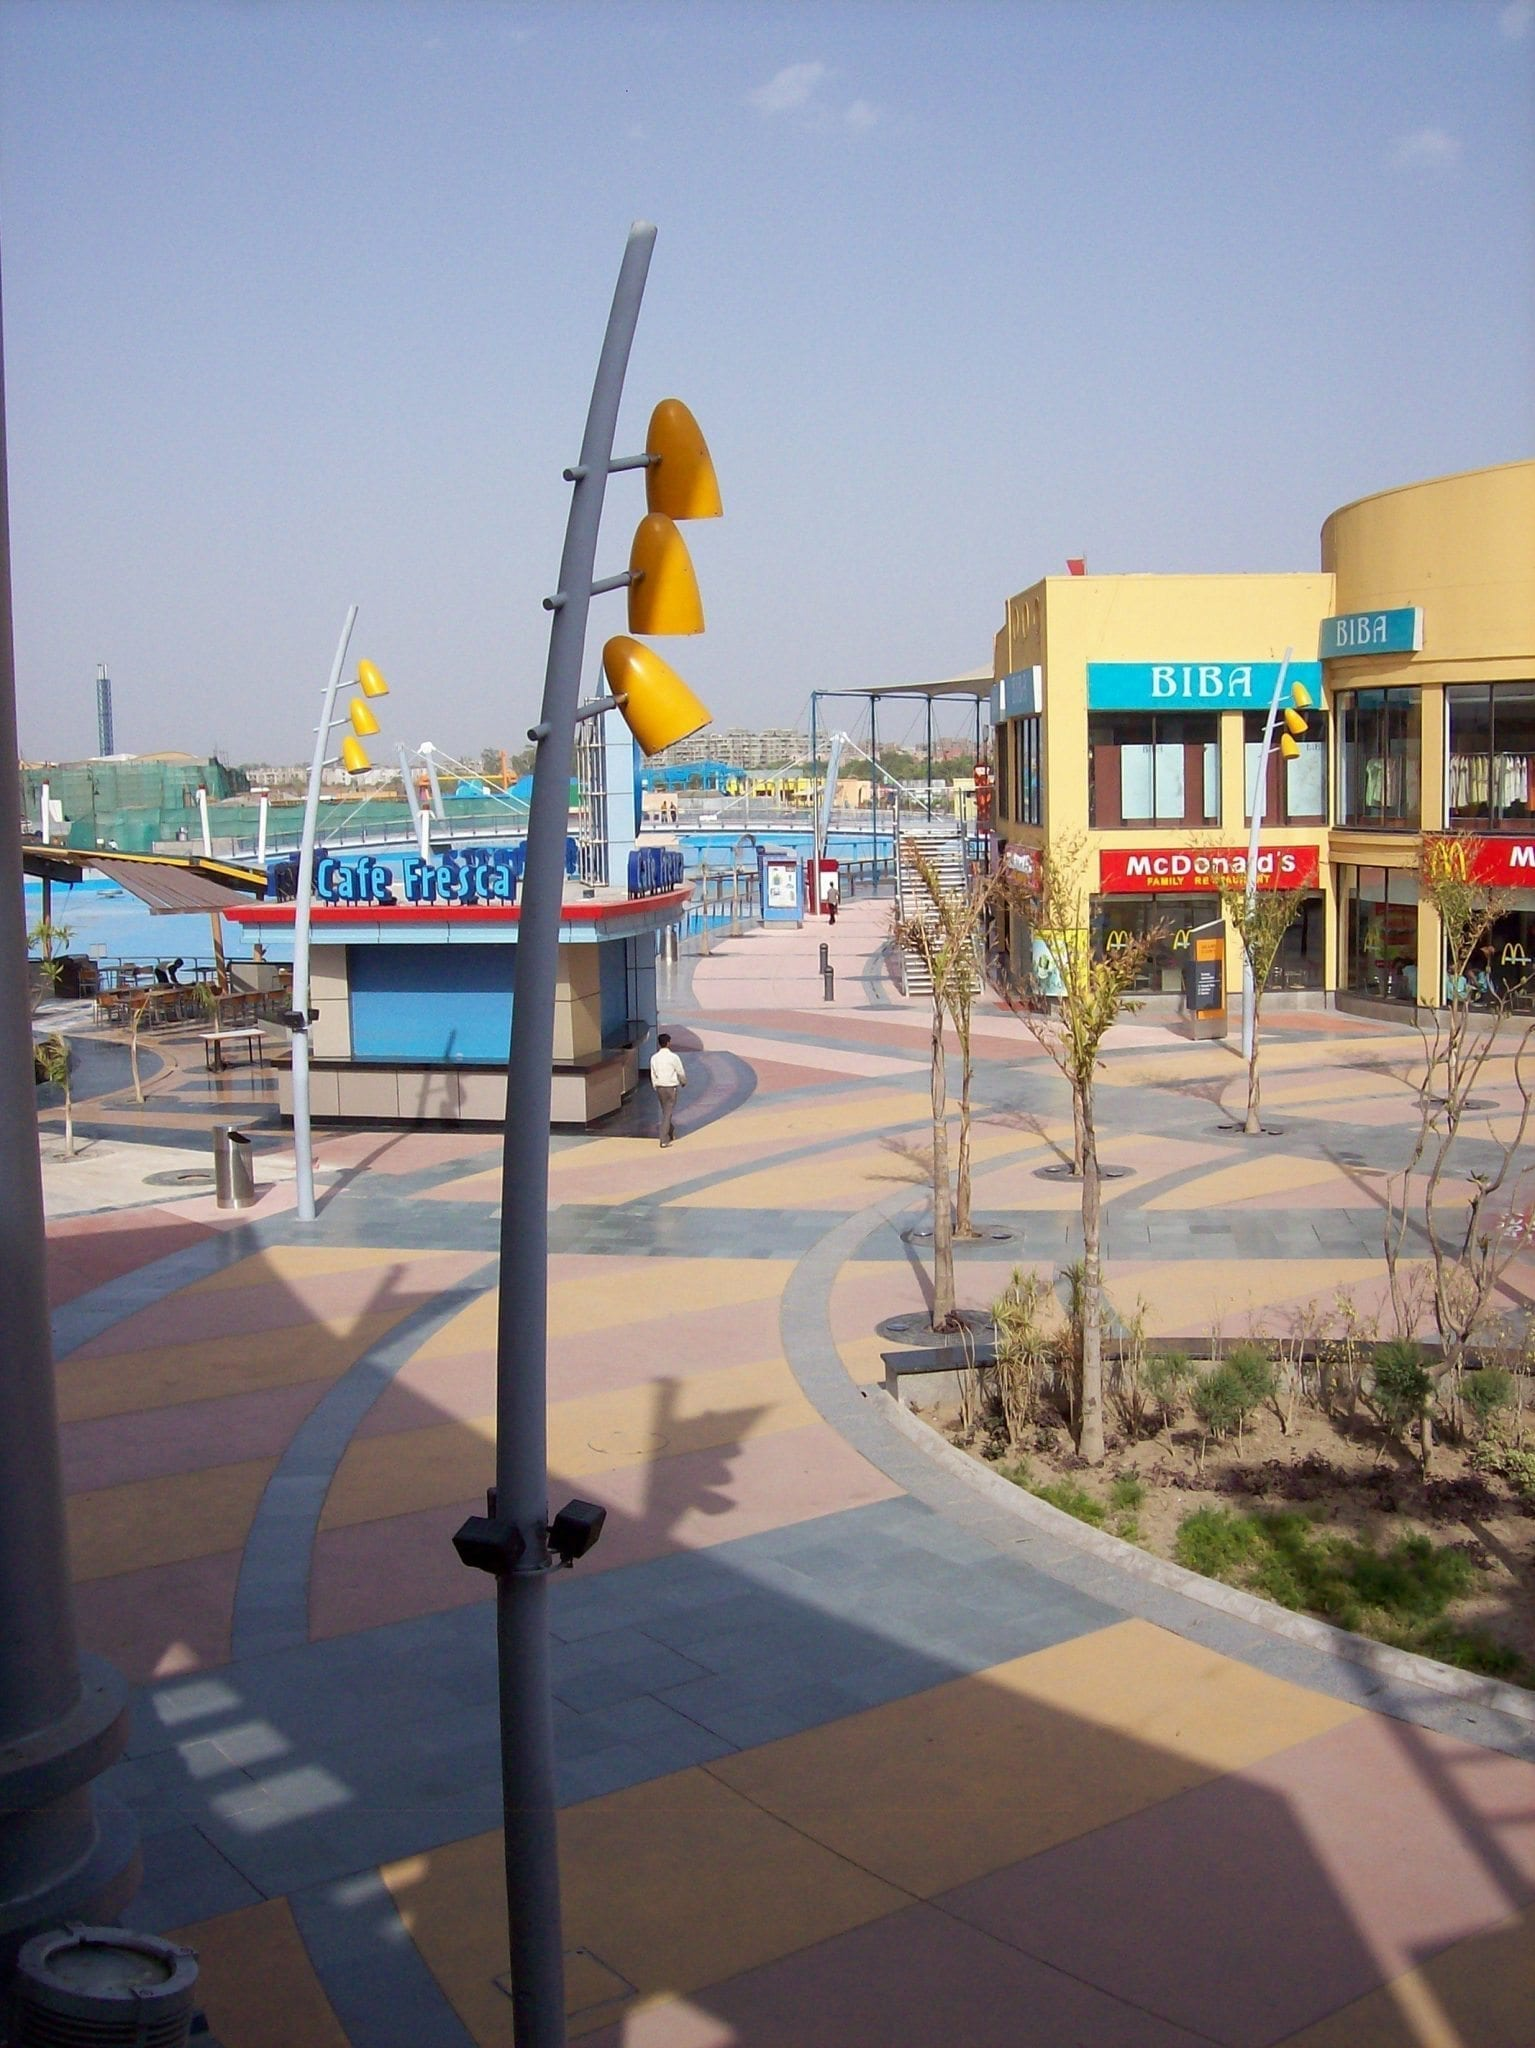 Theme Park Decorative Concrete Restoration